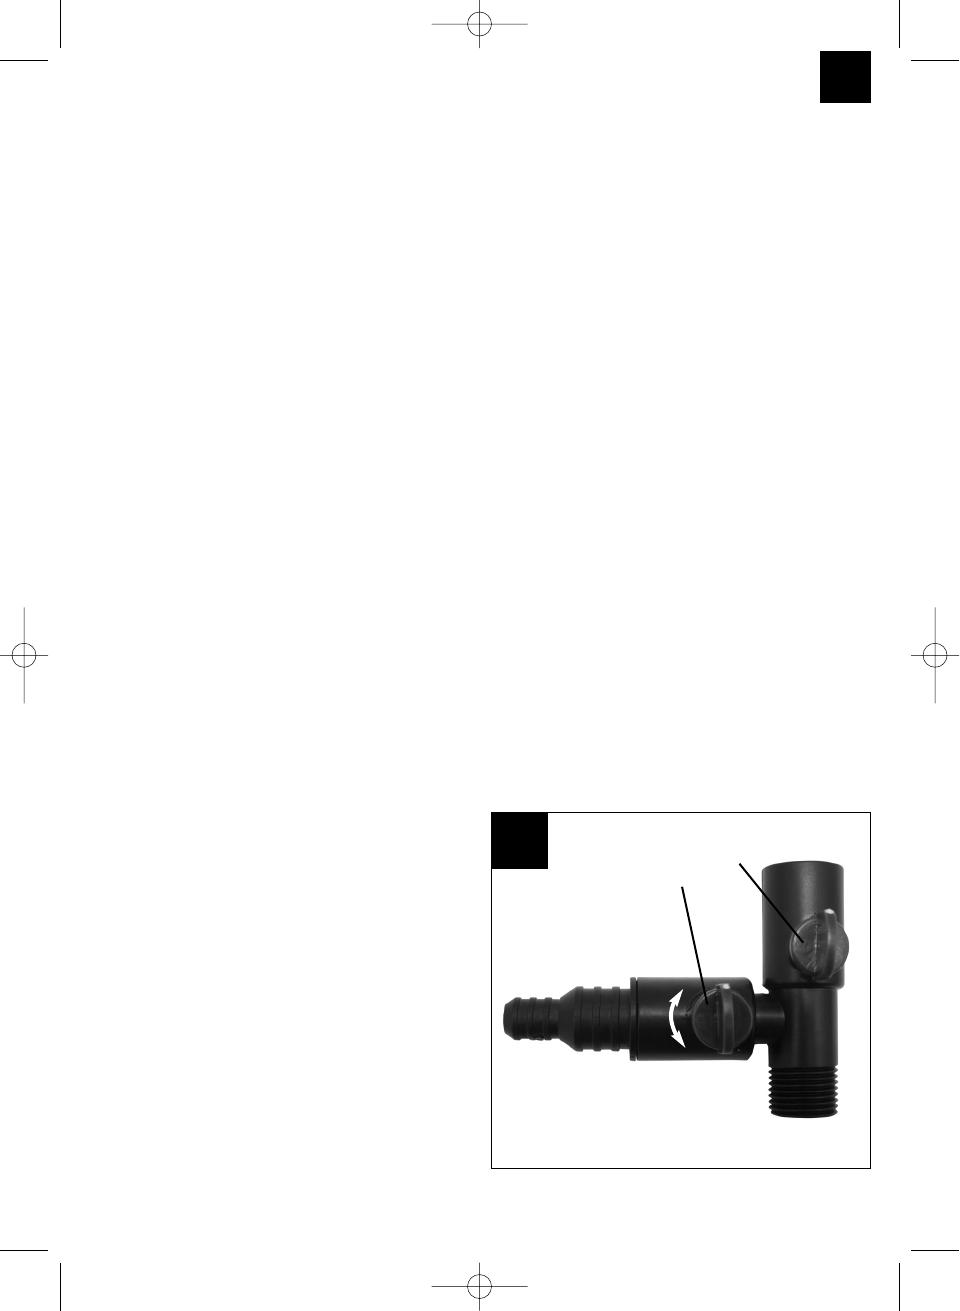 bedienungsanleitung topcraft tctp 52 seite 5 von 12 deutsch. Black Bedroom Furniture Sets. Home Design Ideas